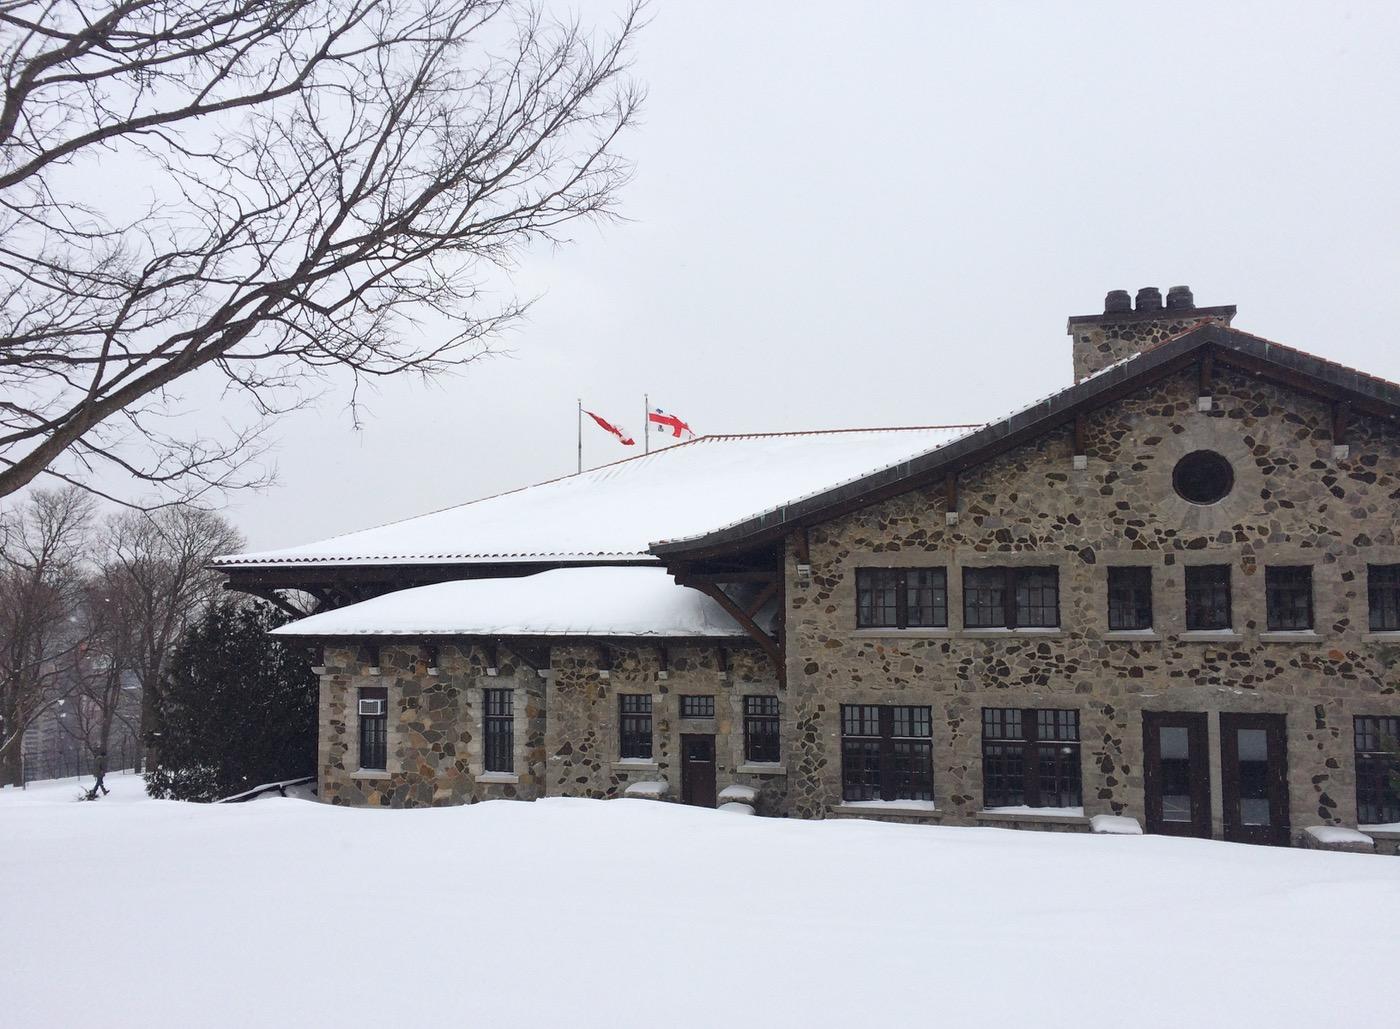 mont royal ski lodge